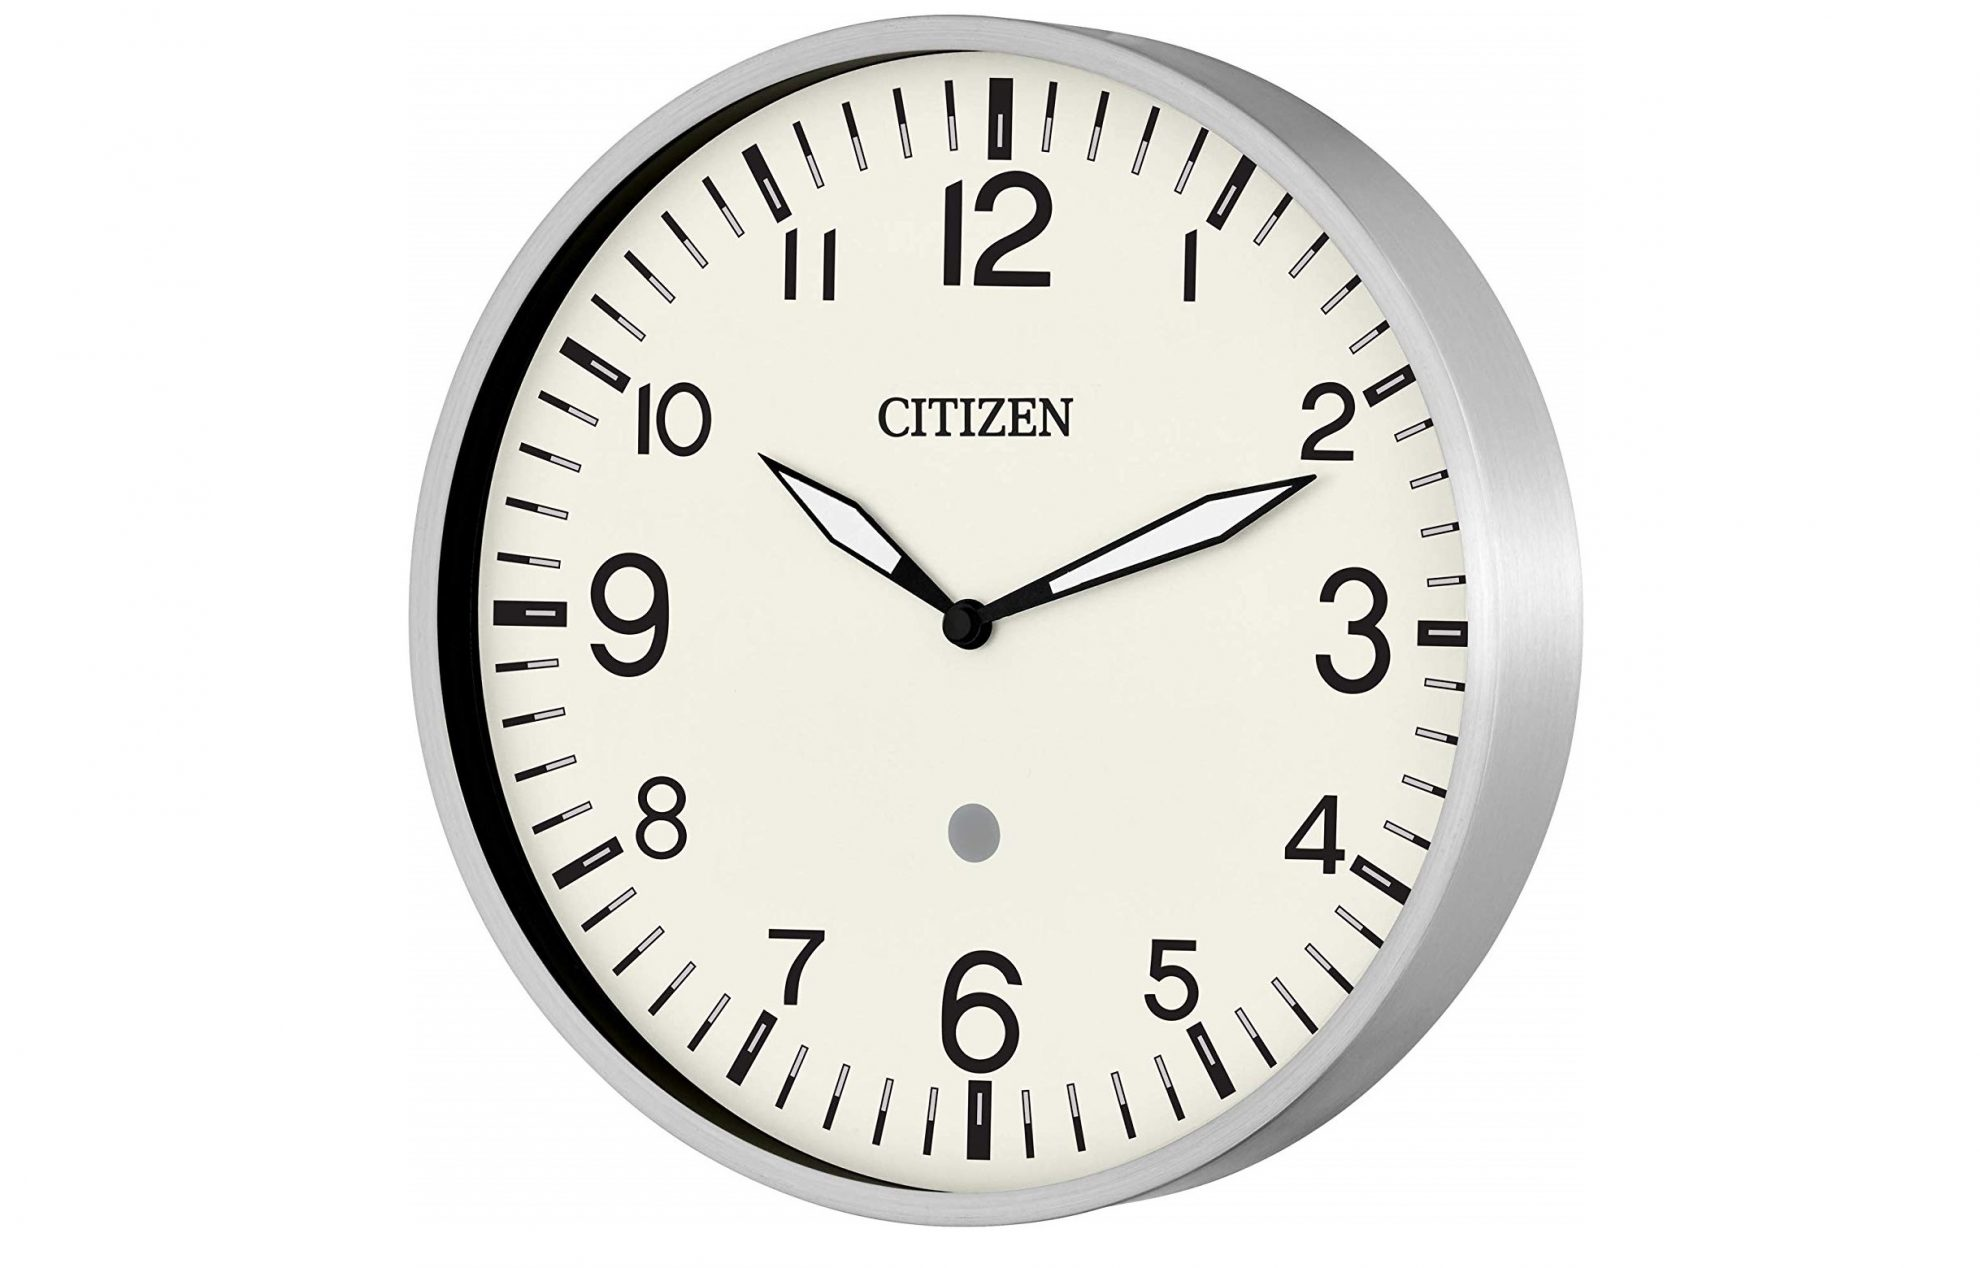 Citizen risponde ad Amazon Echo Wall Clock con un orologio d